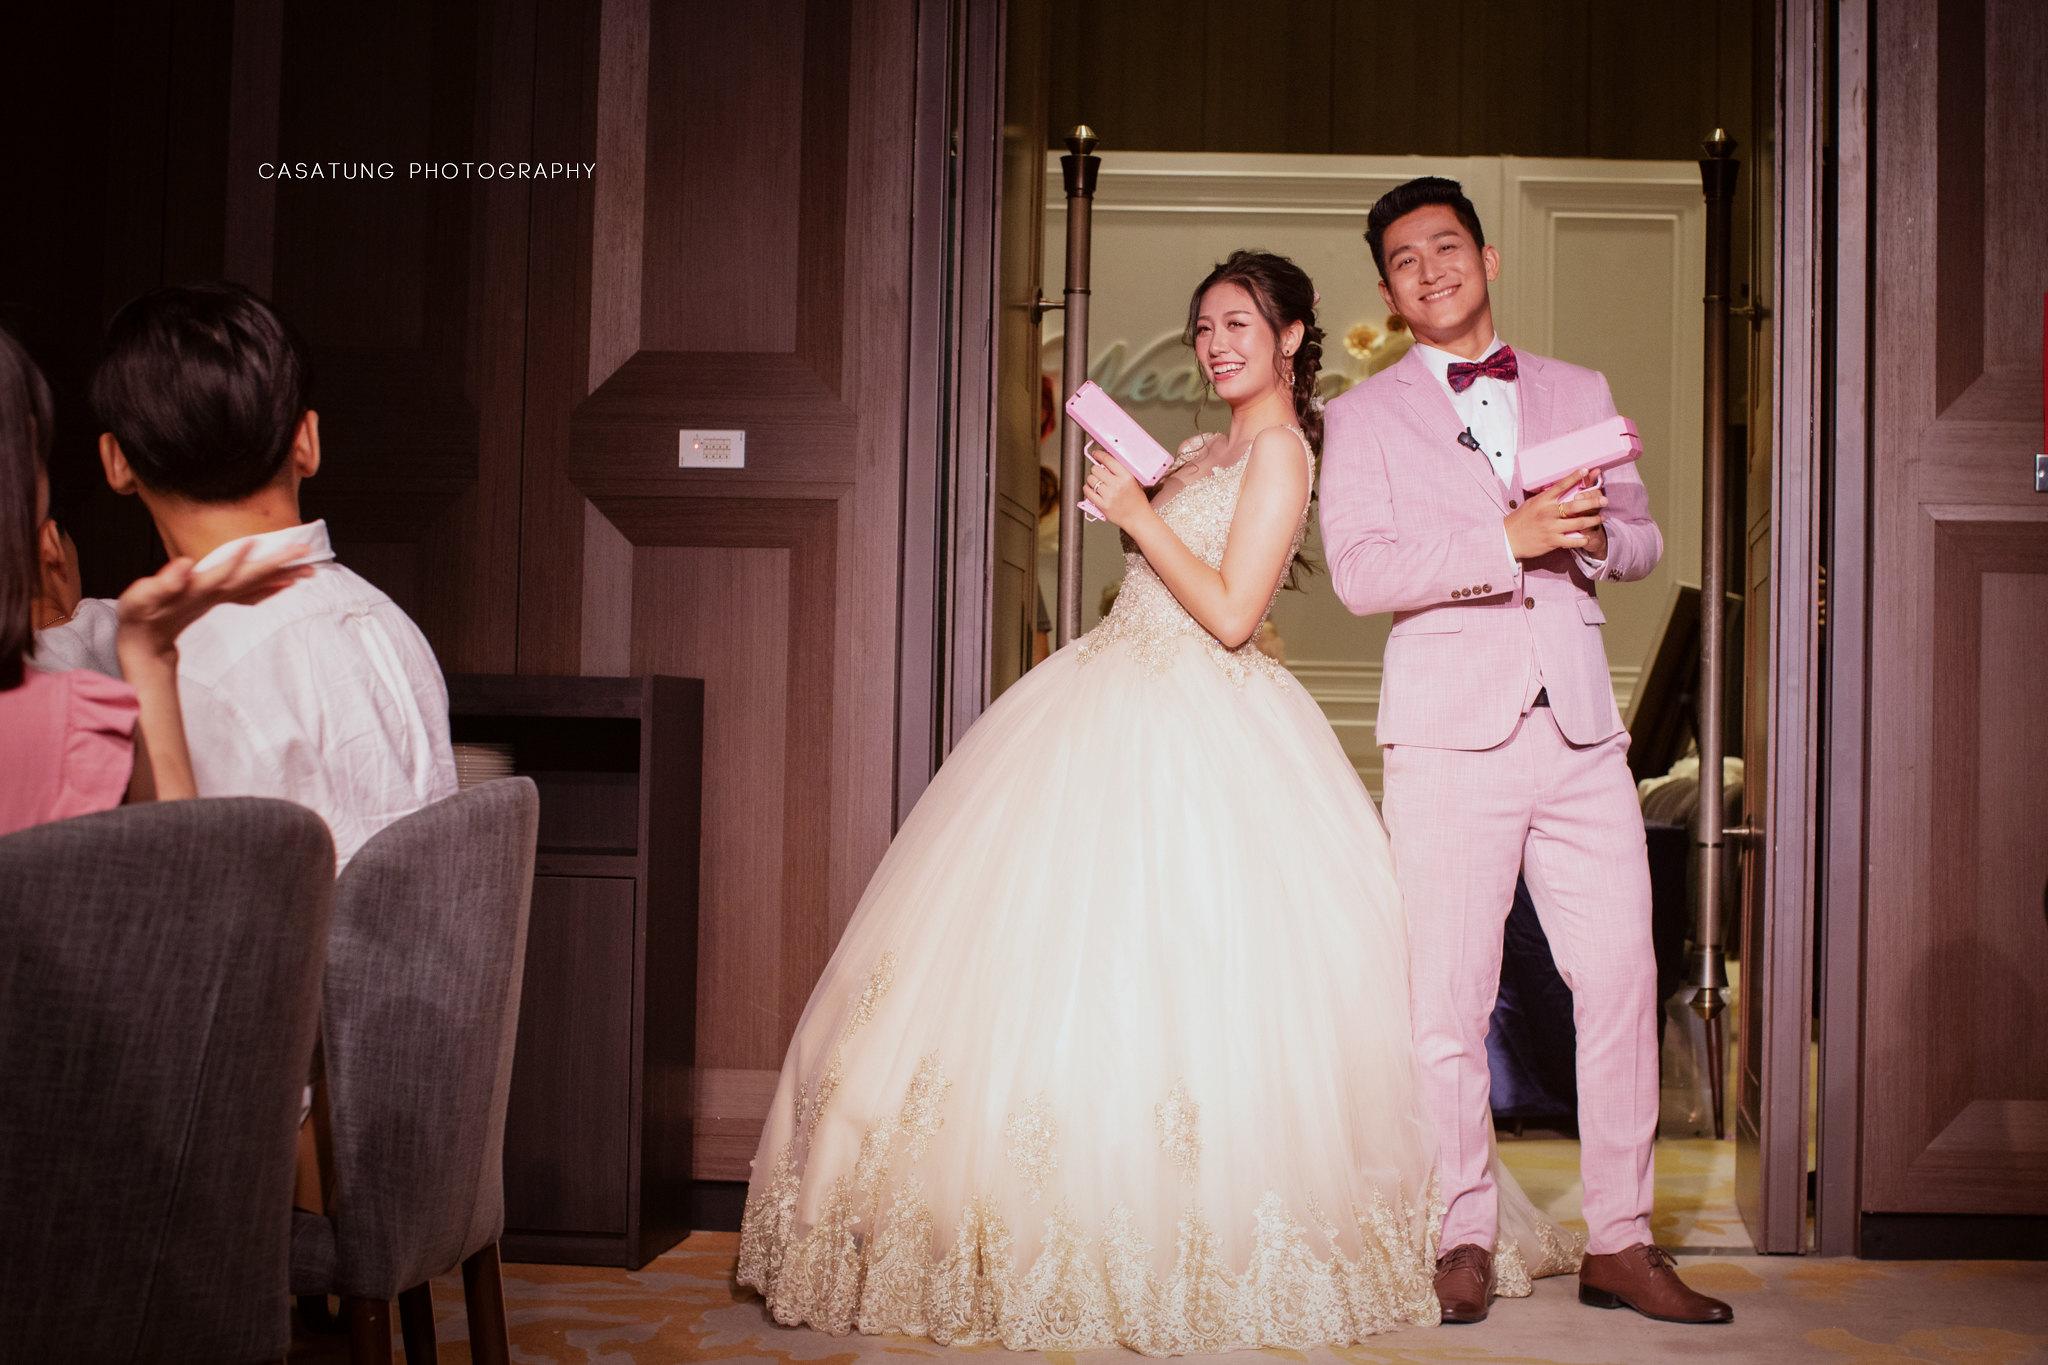 戶外婚禮, 手工婚紗, 台中婚攝, 自助婚紗, 婚紗工作室, 婚紗推薦旋轉木馬, 婚攝推廷, 婚攝CASA, 推薦婚攝, 旋轉木馬婚紗, 萊特維庭婚禮, 禮服出租, lightweeding,萊特薇庭婚攝-130